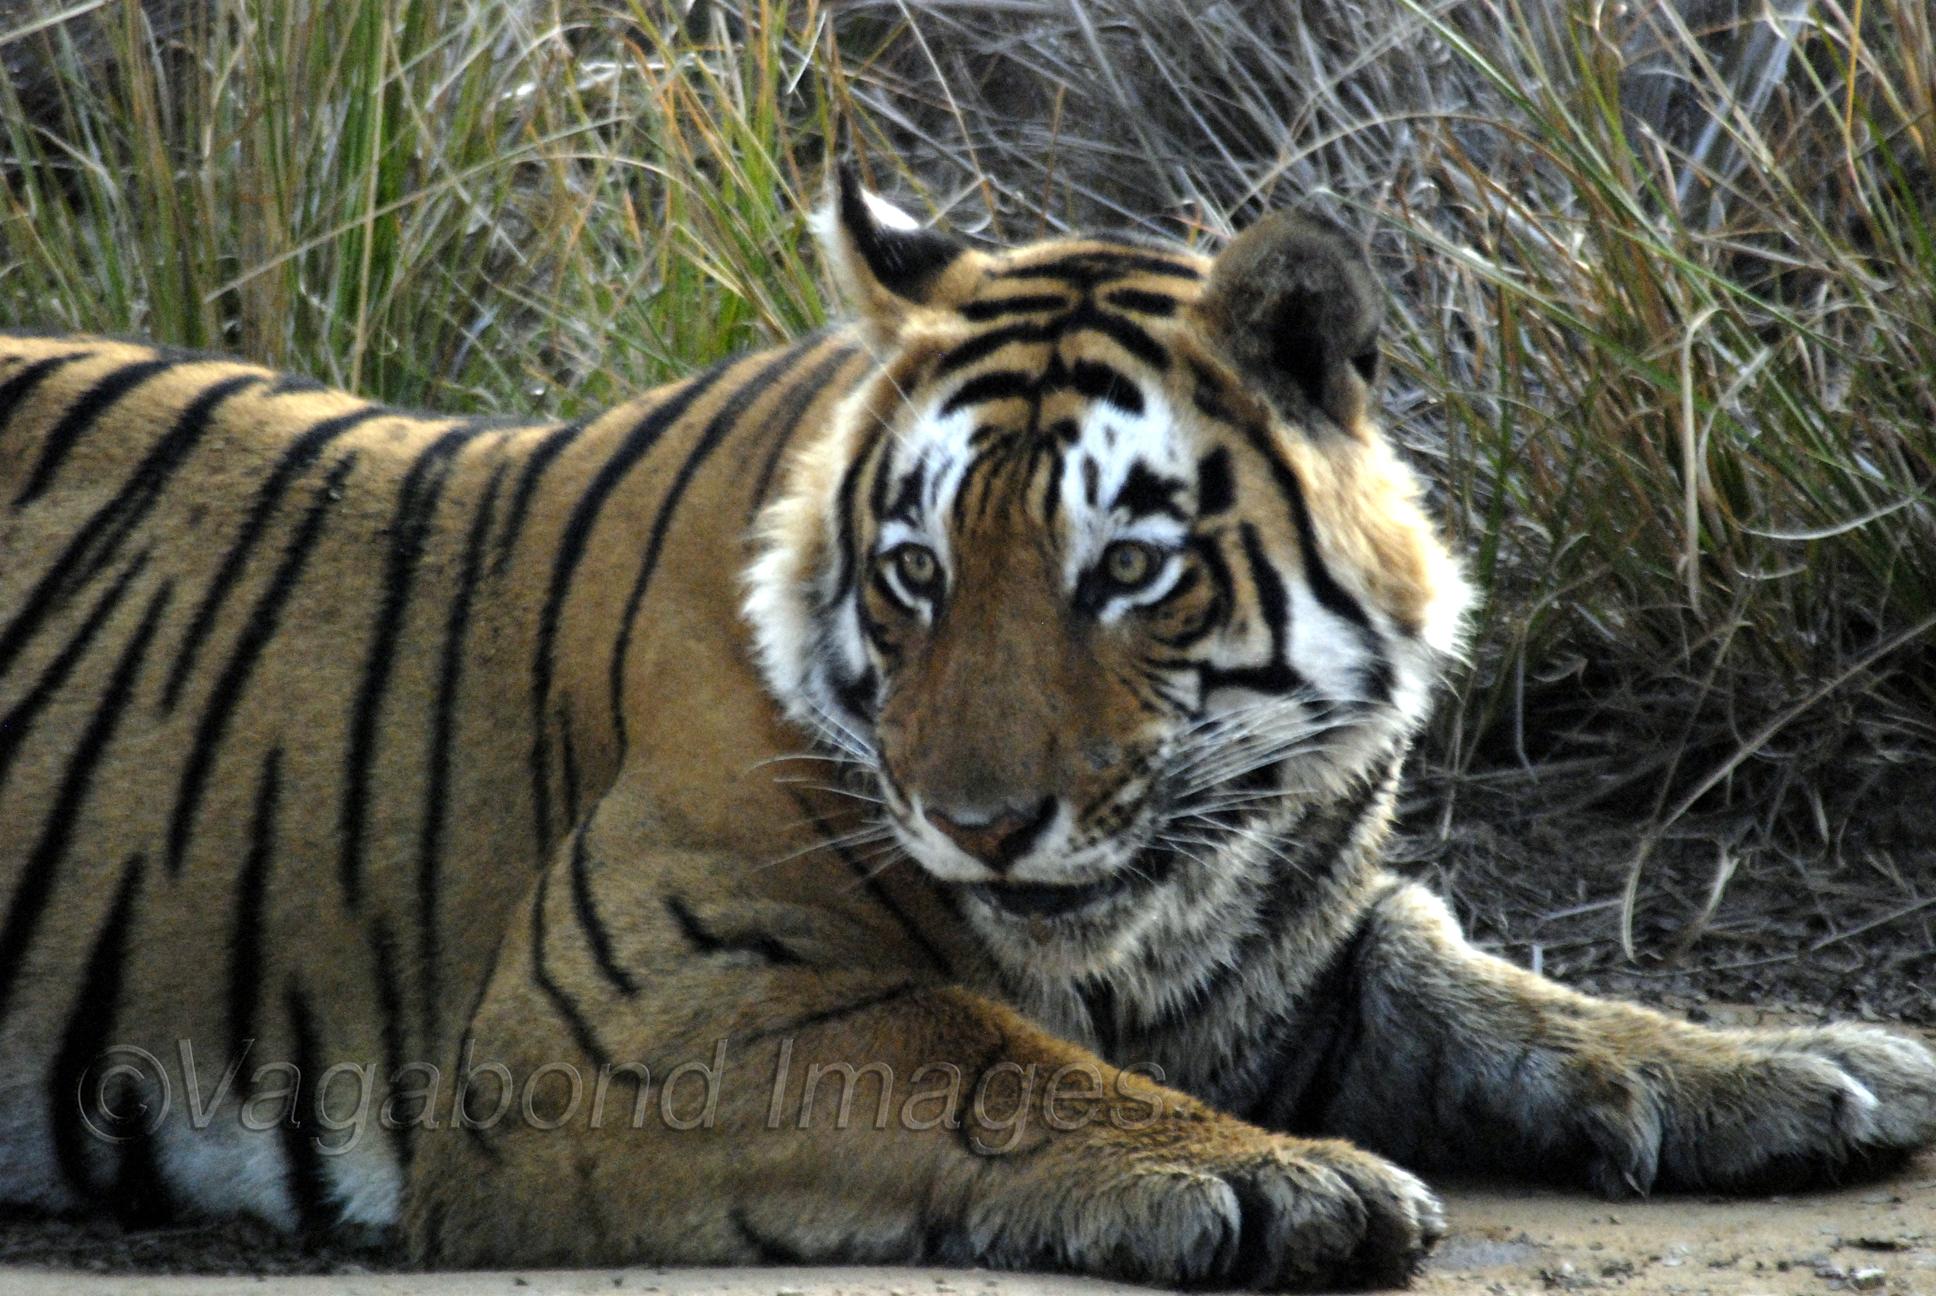 Star-eyed Tiger